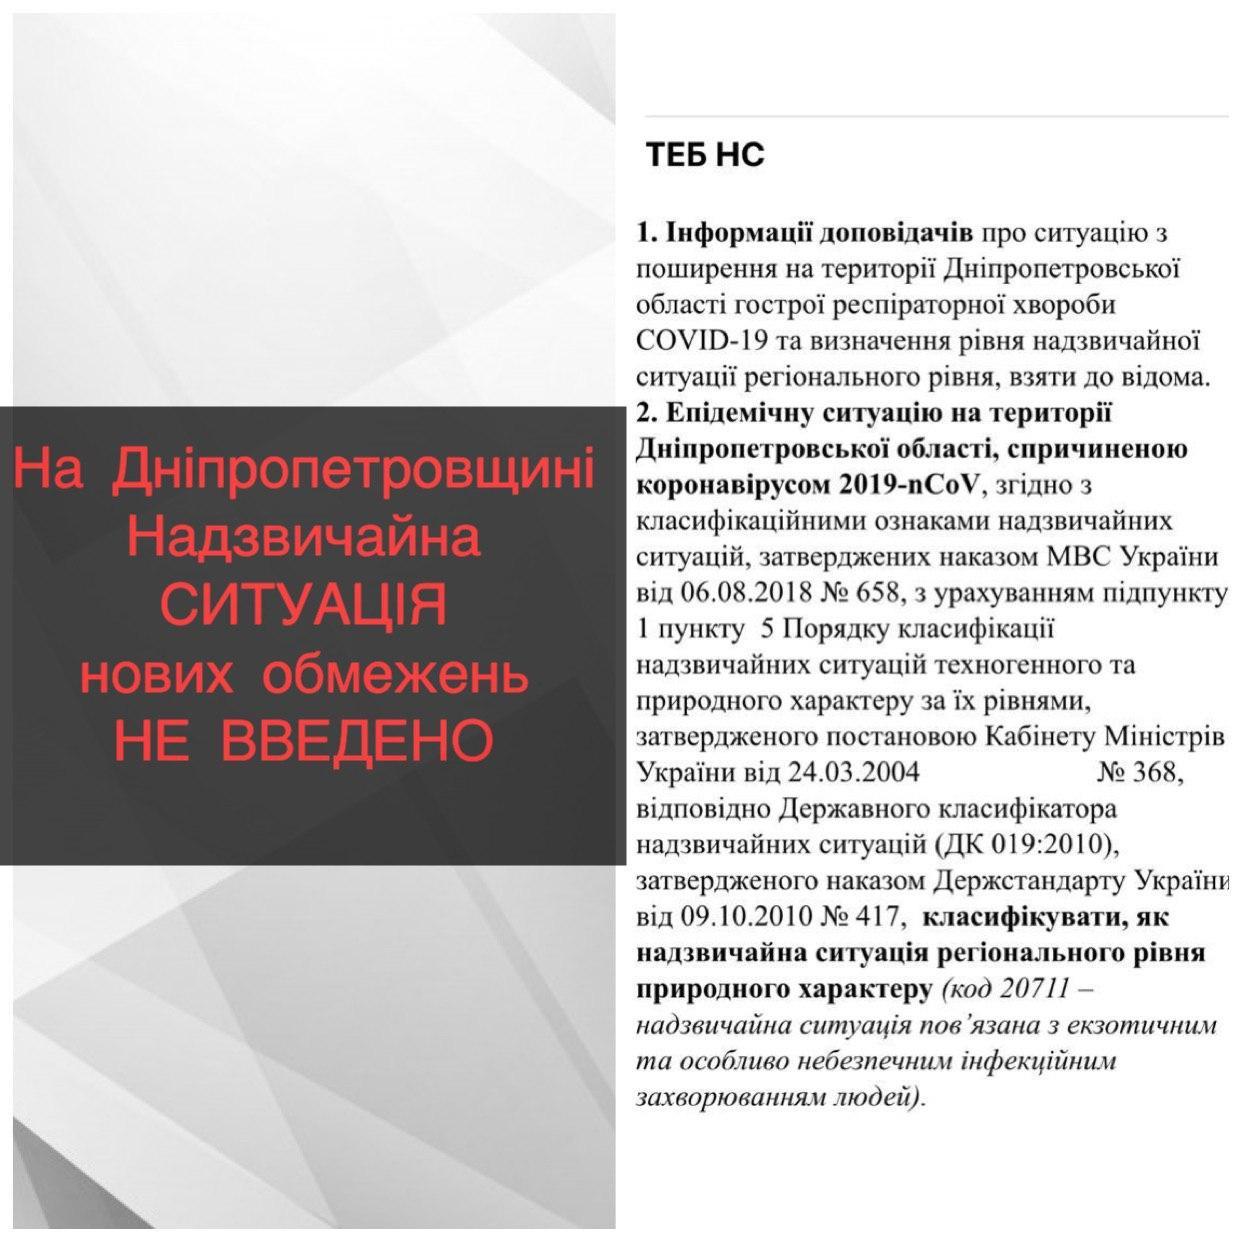 Из-за карантина: ЧС в Днепропетровской области. Новости Днепра